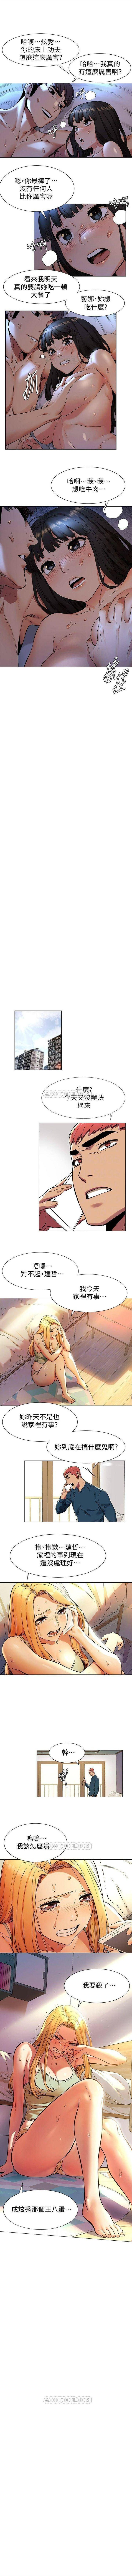 (週5)衝突 1-94 中文翻譯 (更新中) 451